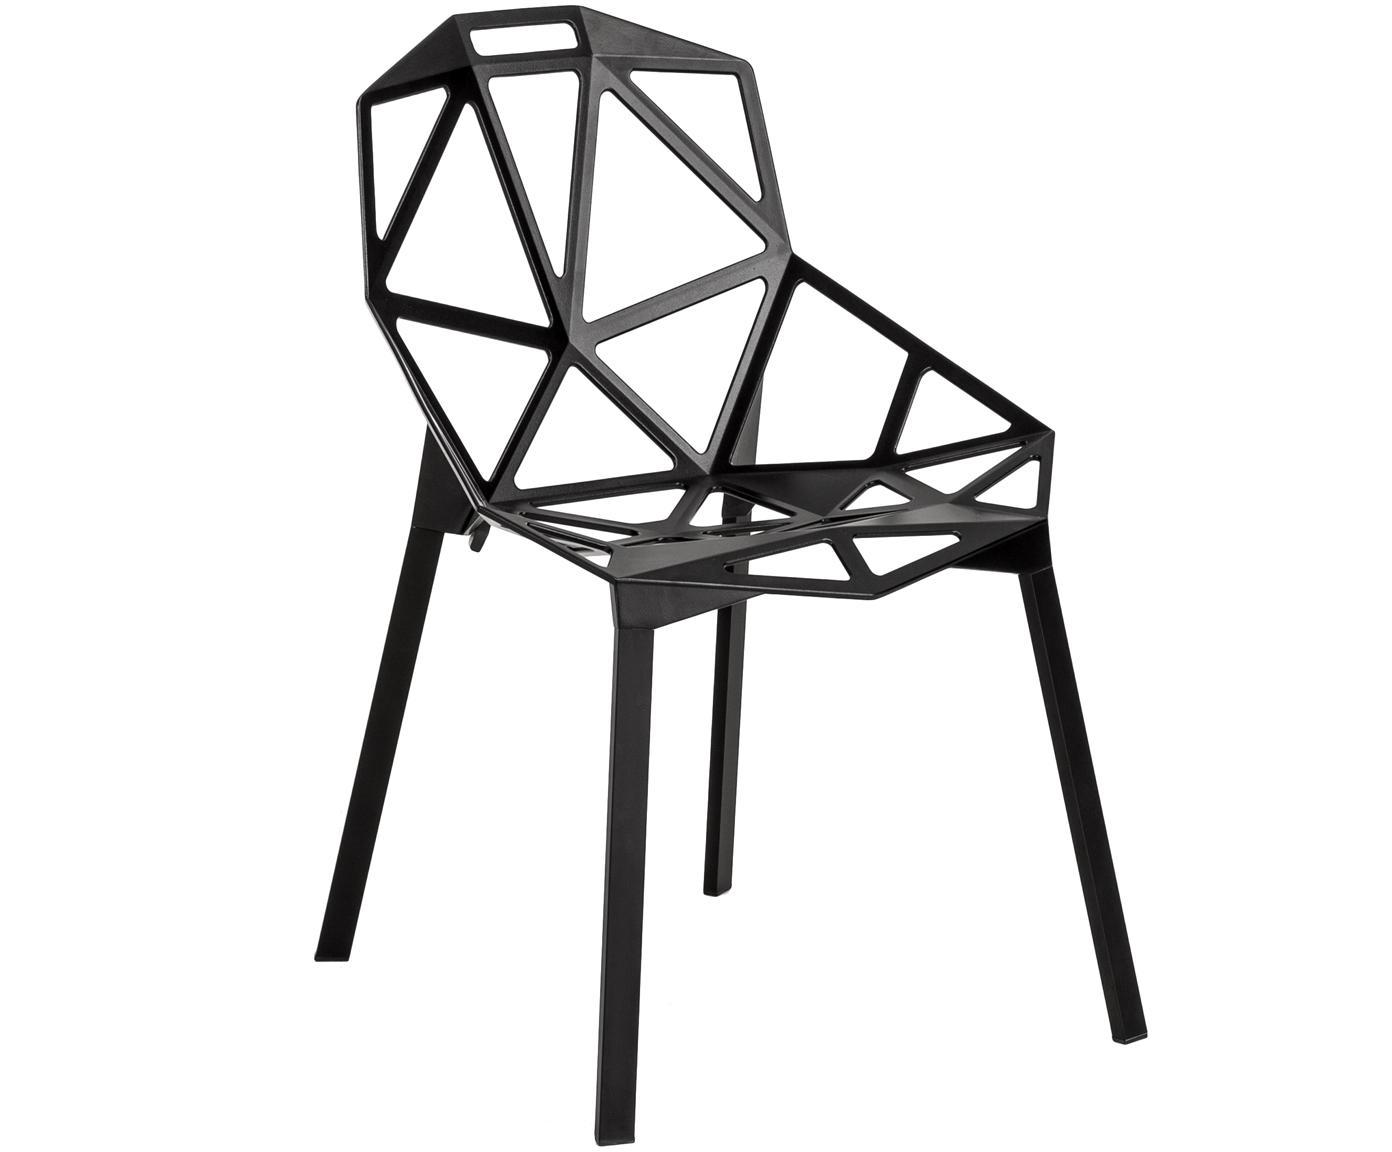 Sedia di design Chair One, Alluminio, pressofuso, poliestere verniciato, Nero, Larg. 55 x Prof. 59 cm